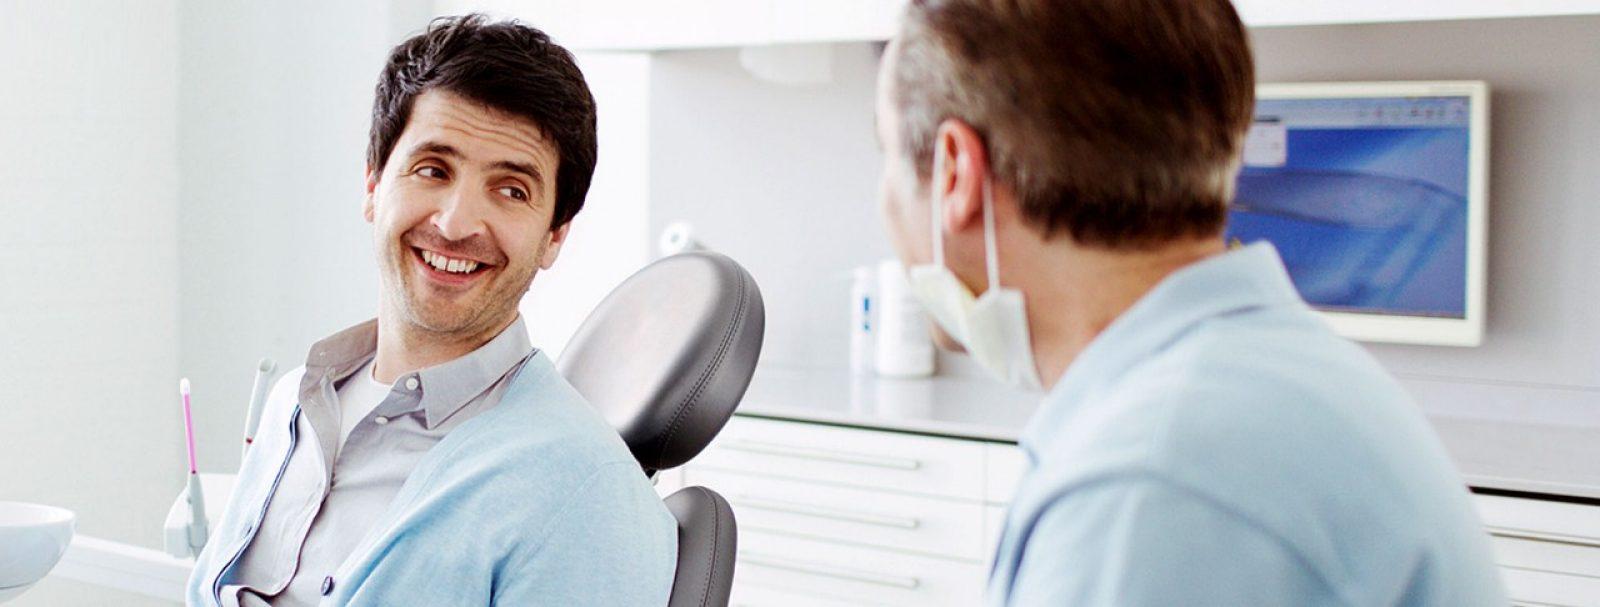 ERGO Direkt Zahnzusatzversicherung abschließen (ab 3×3,90€/Monat) und 50€ Amazon.de Gutschein erhalten